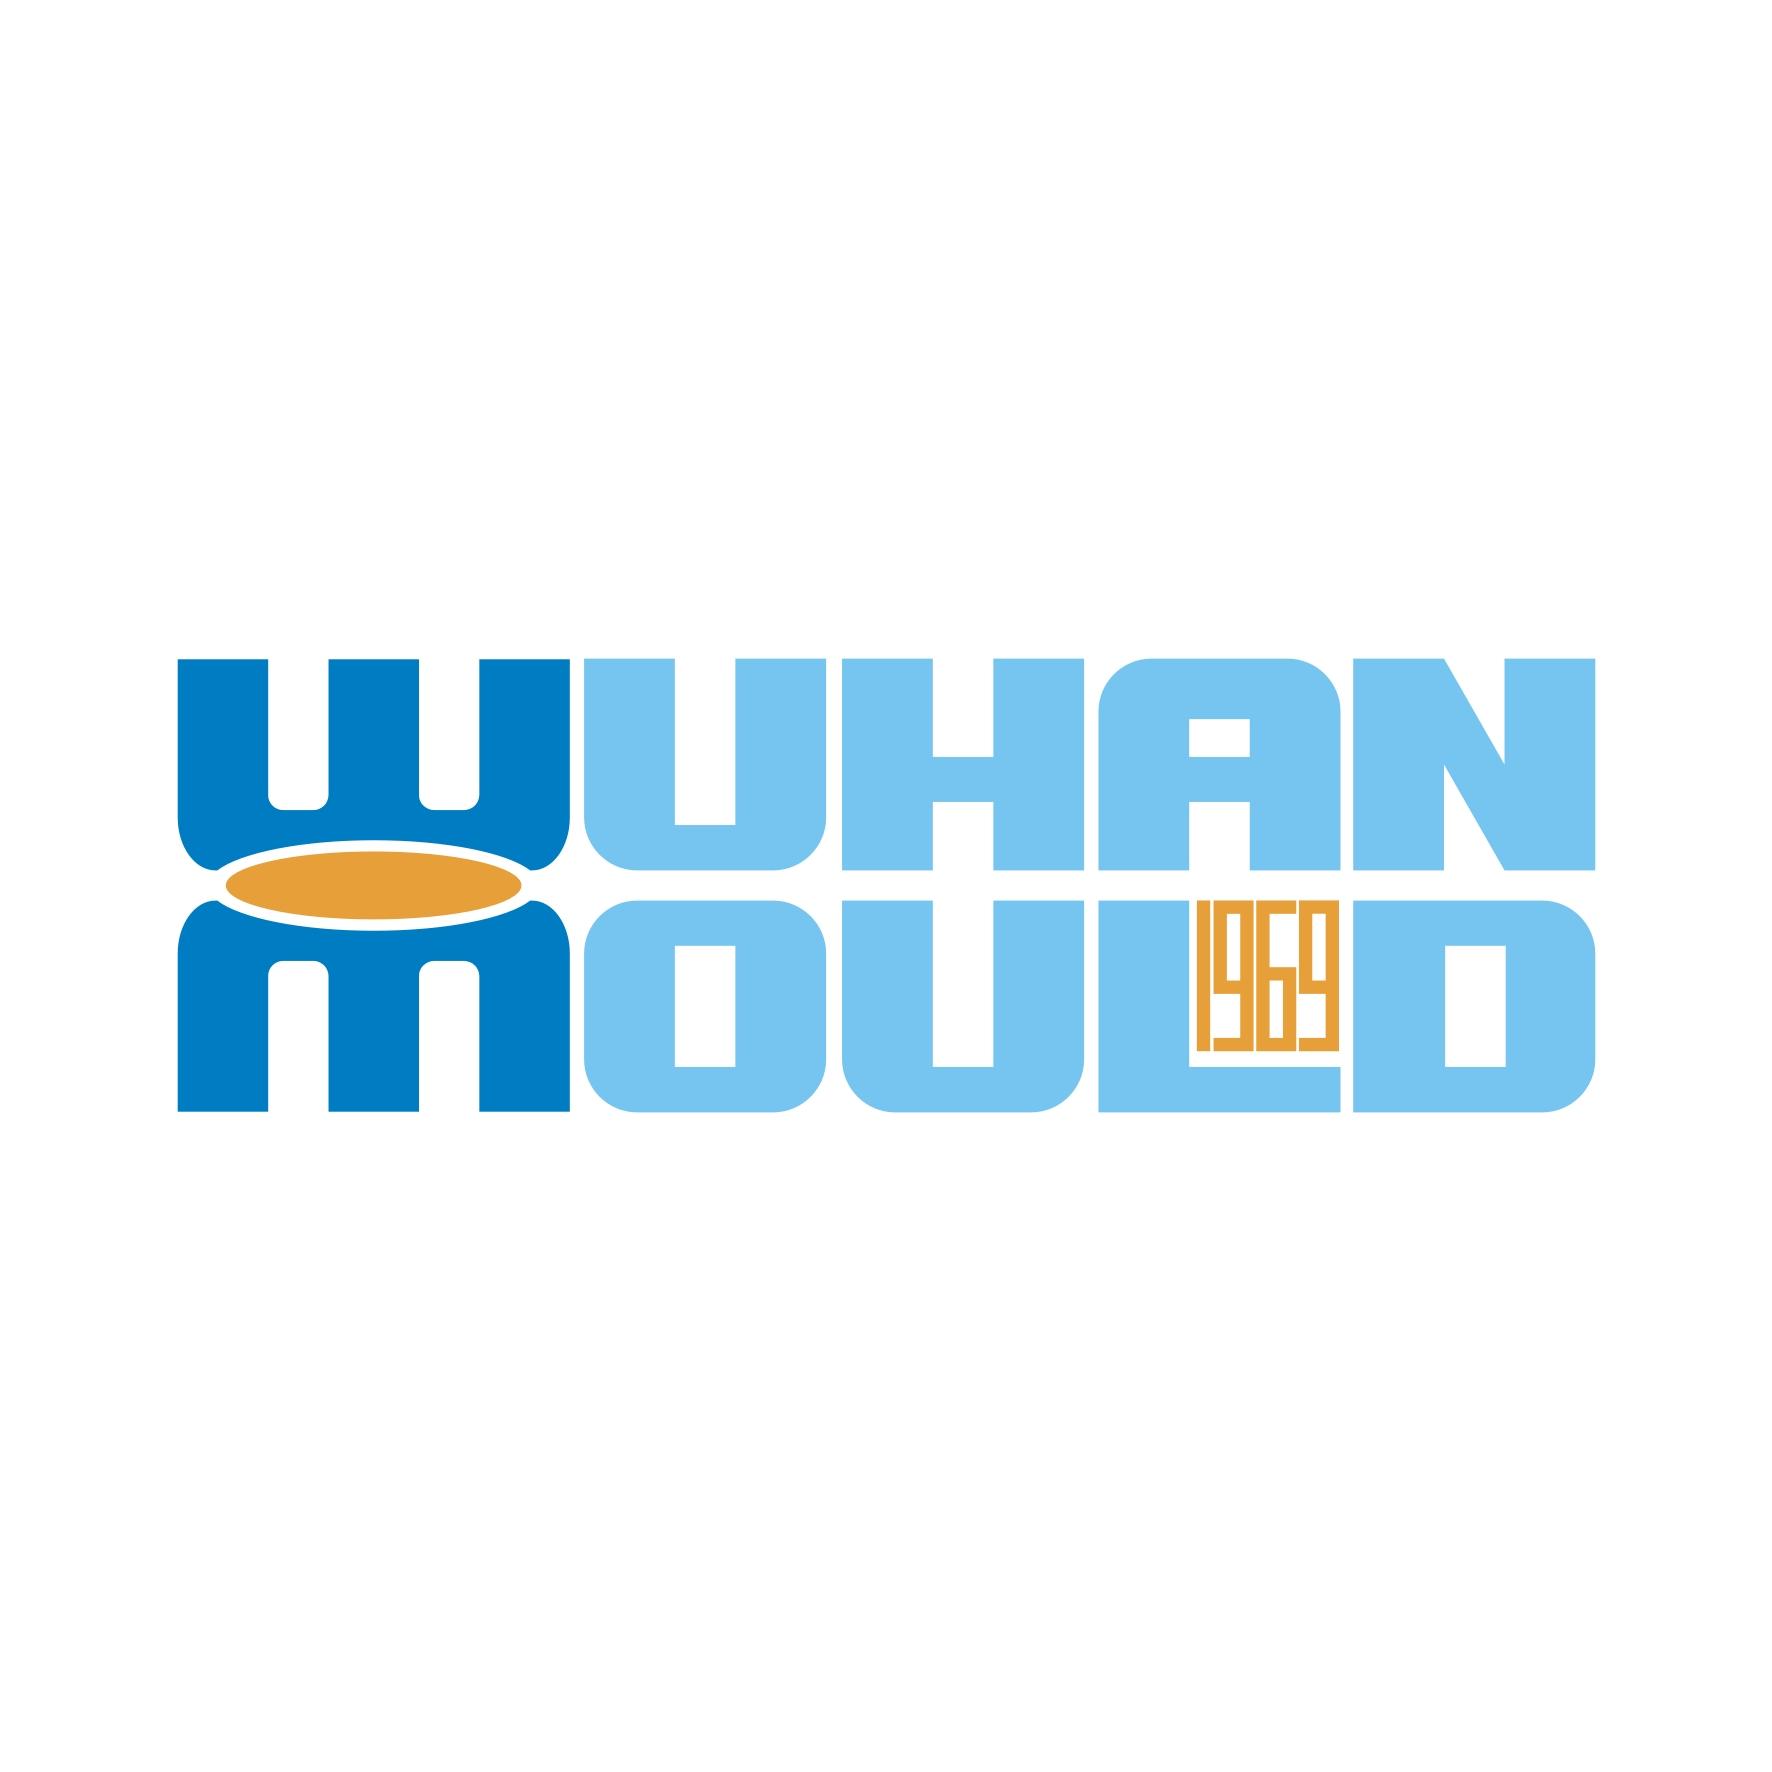 Создать логотип для фабрики пресс-форм фото f_1655996cac6381f4.jpg